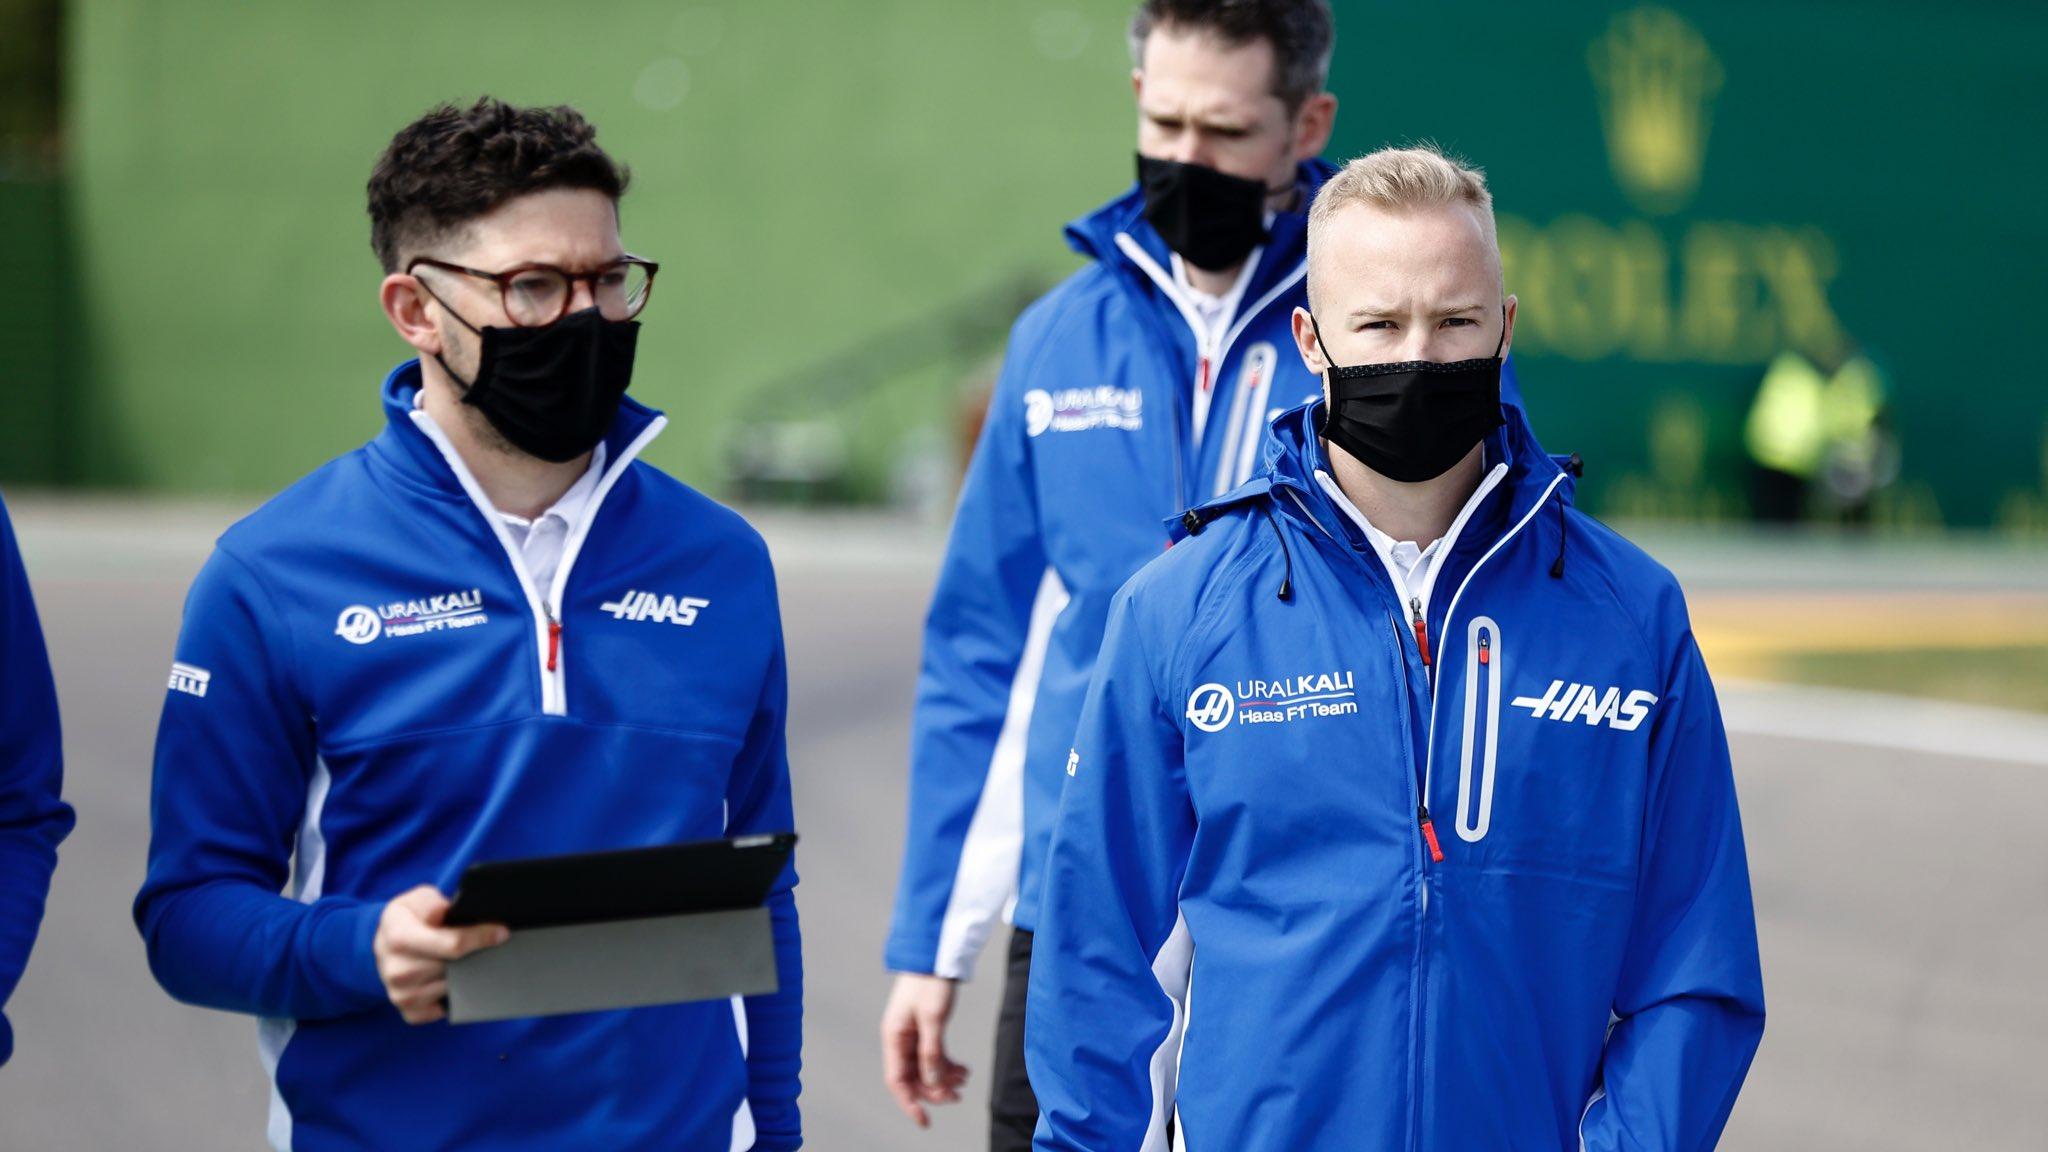 F1 - Nikita Mazepin a tourné la page après son crash au GP de Bahreïn